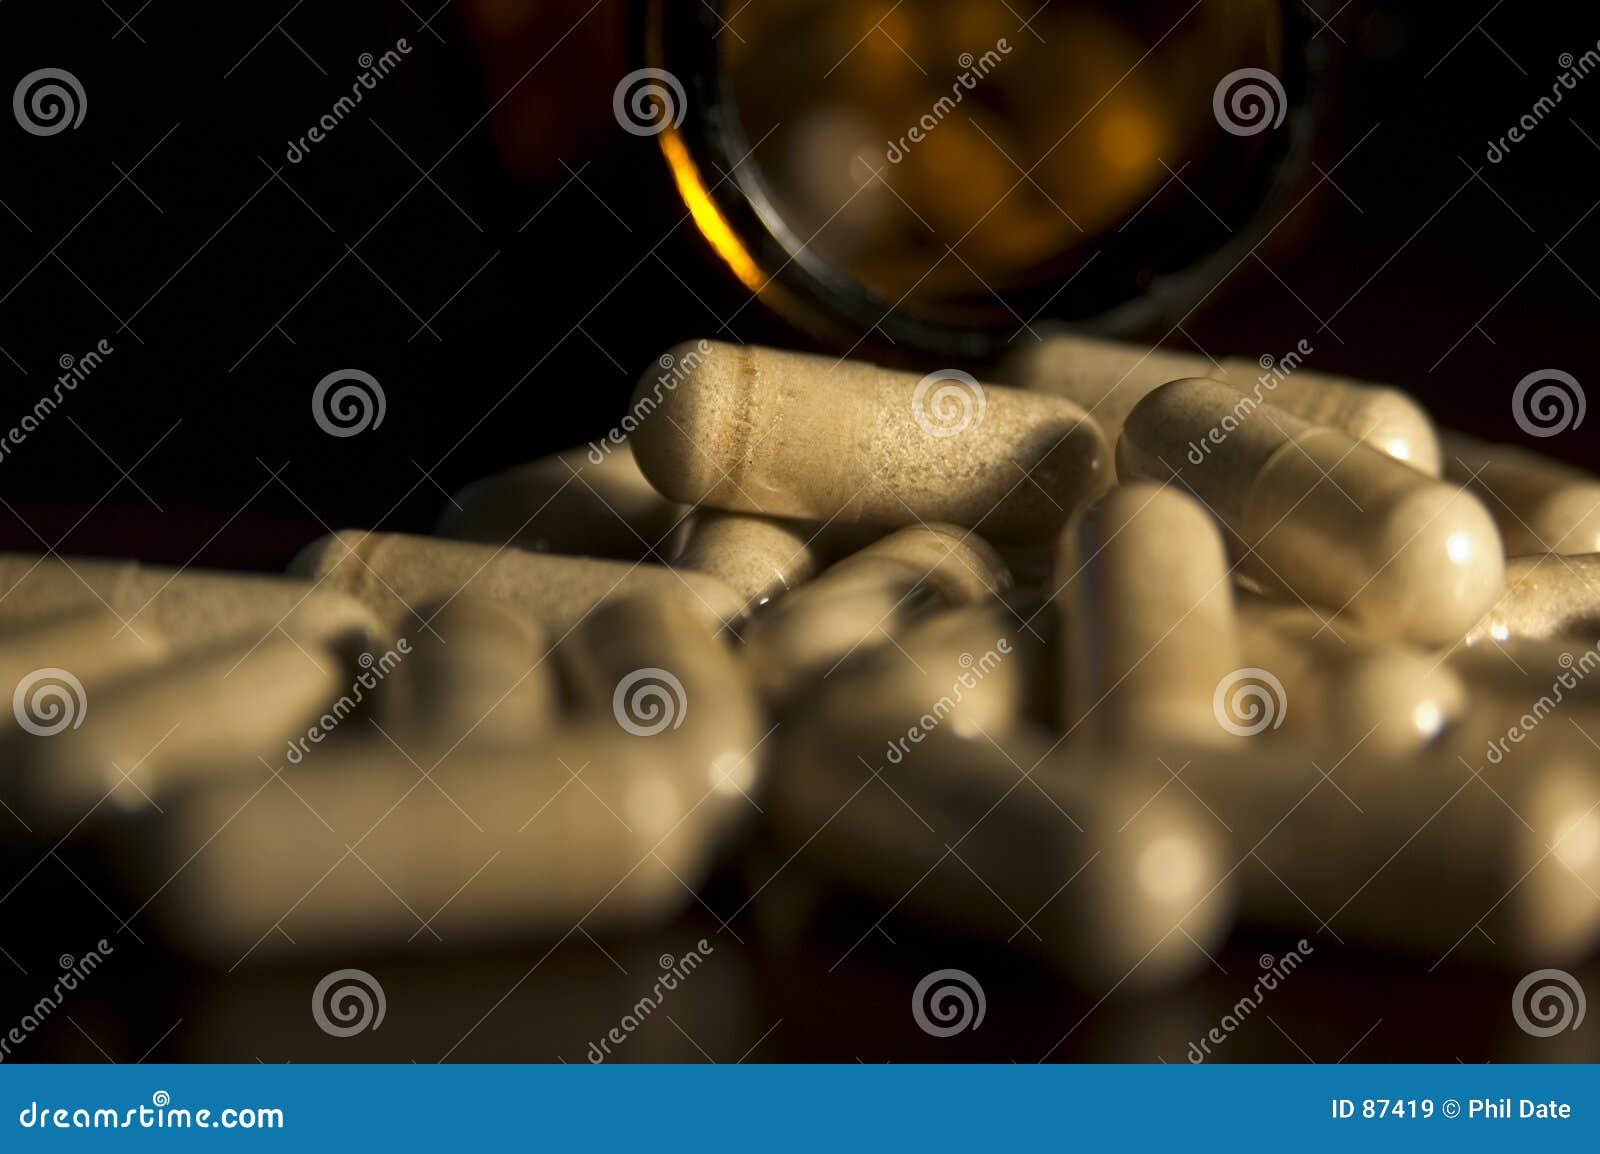 Capsules close up